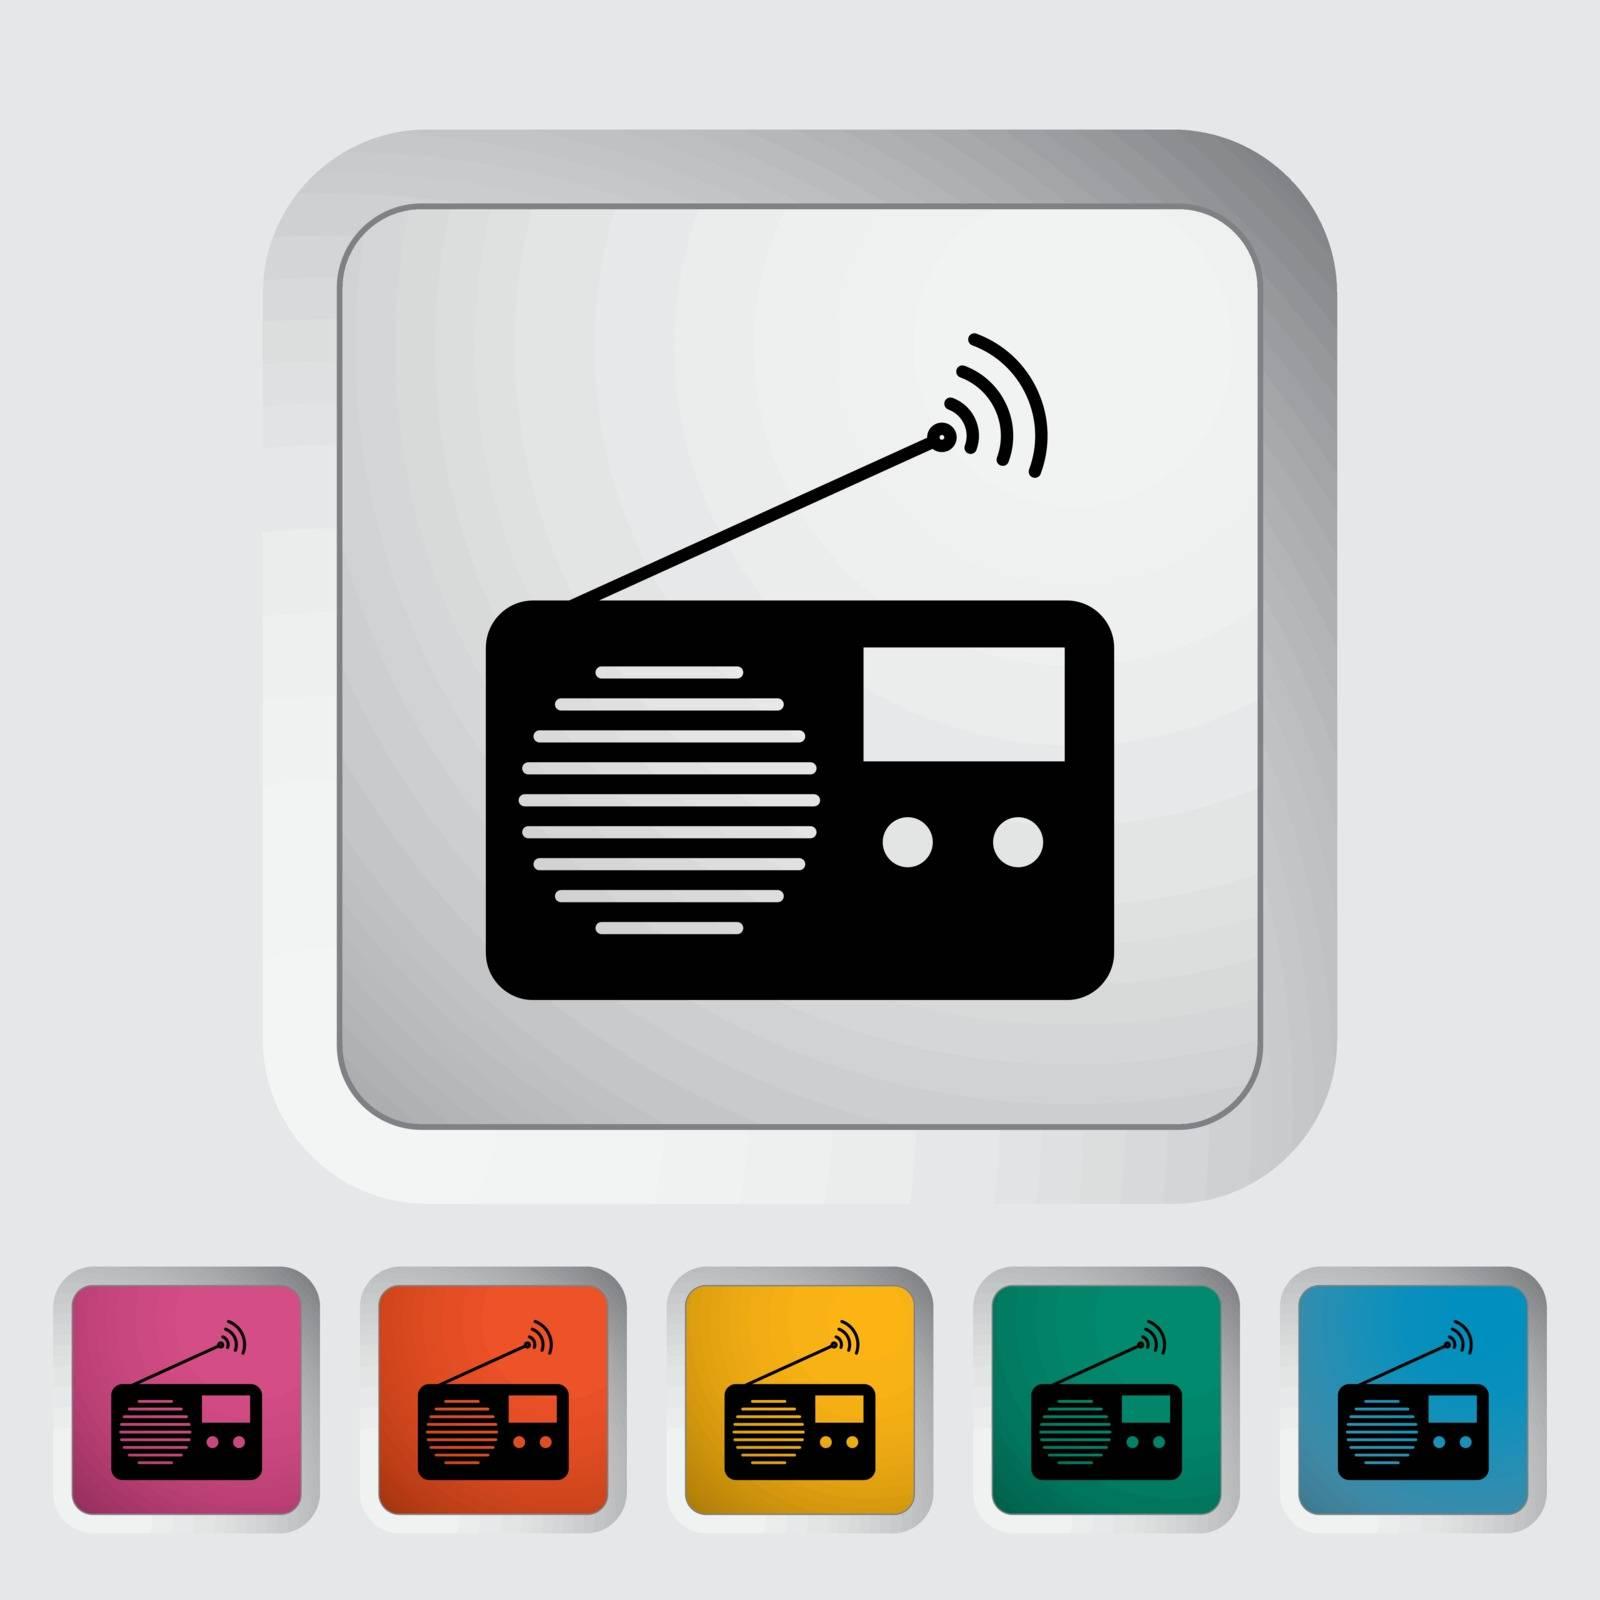 Radio icon by smoki